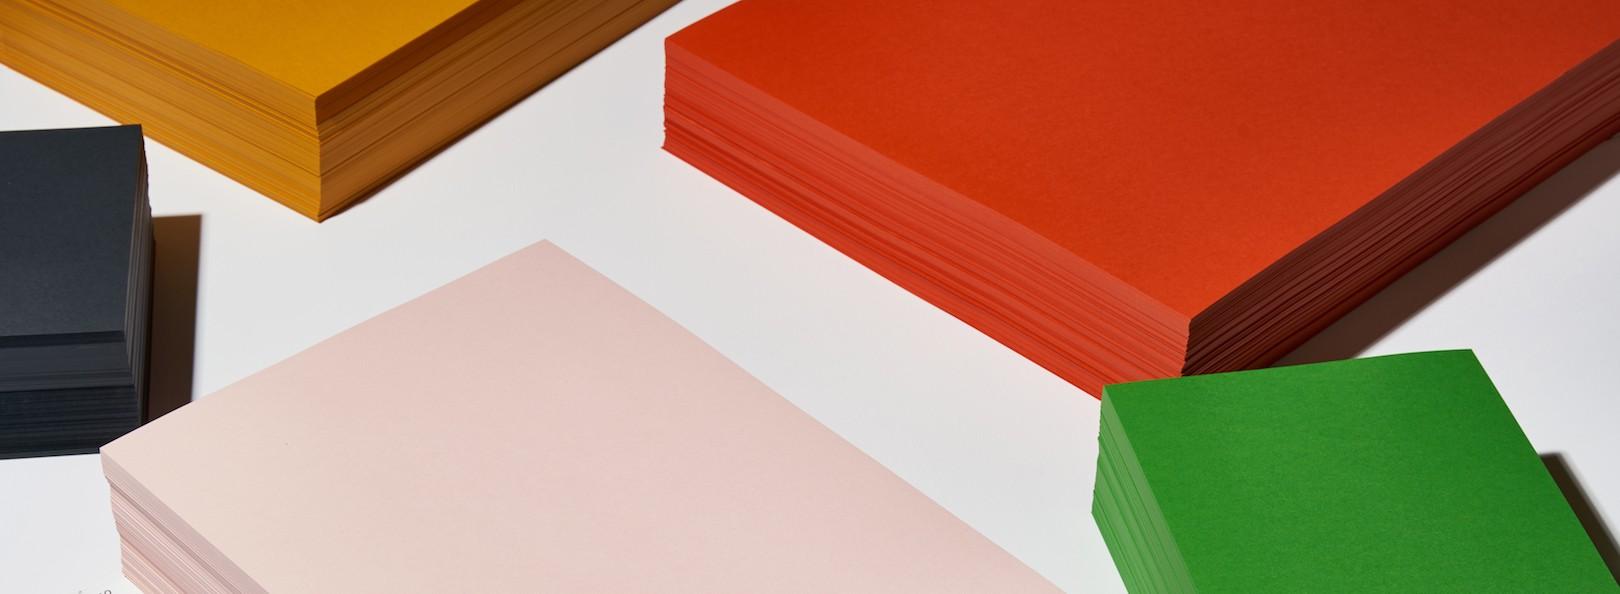 Vom Becher zum Papier